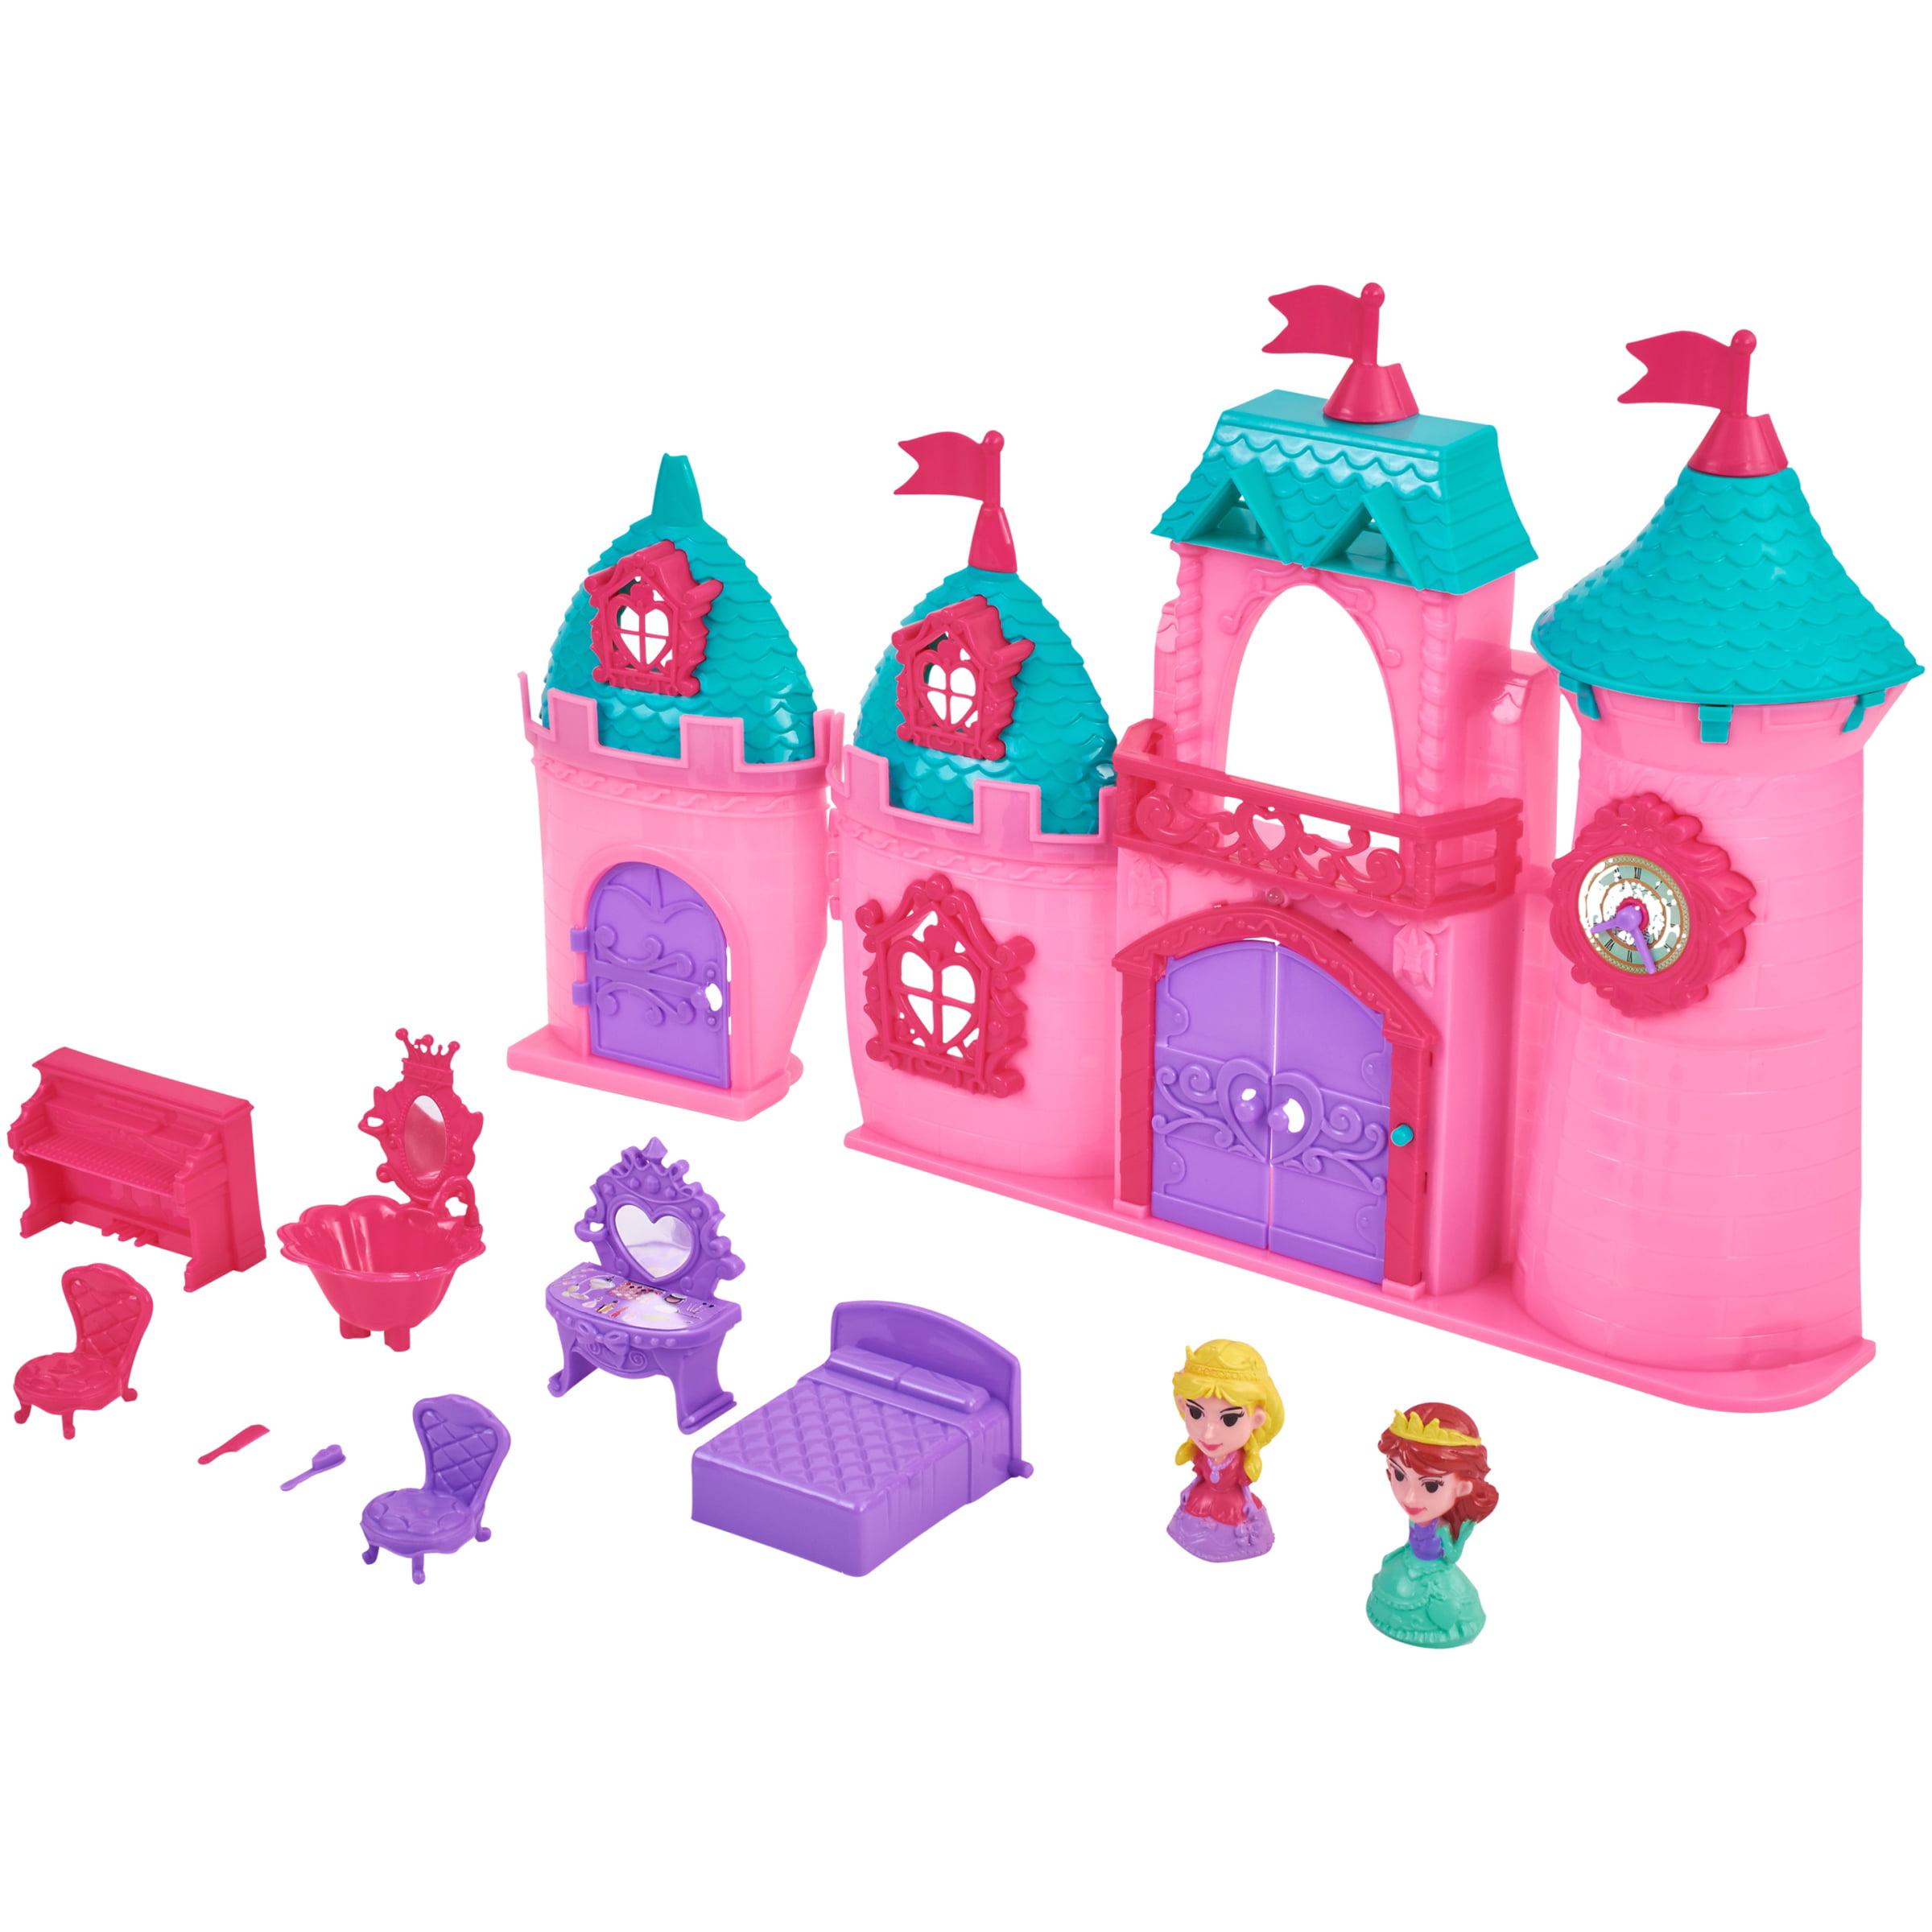 Kid Connection 11-Piece Light & Sound Princess Castle Play Set